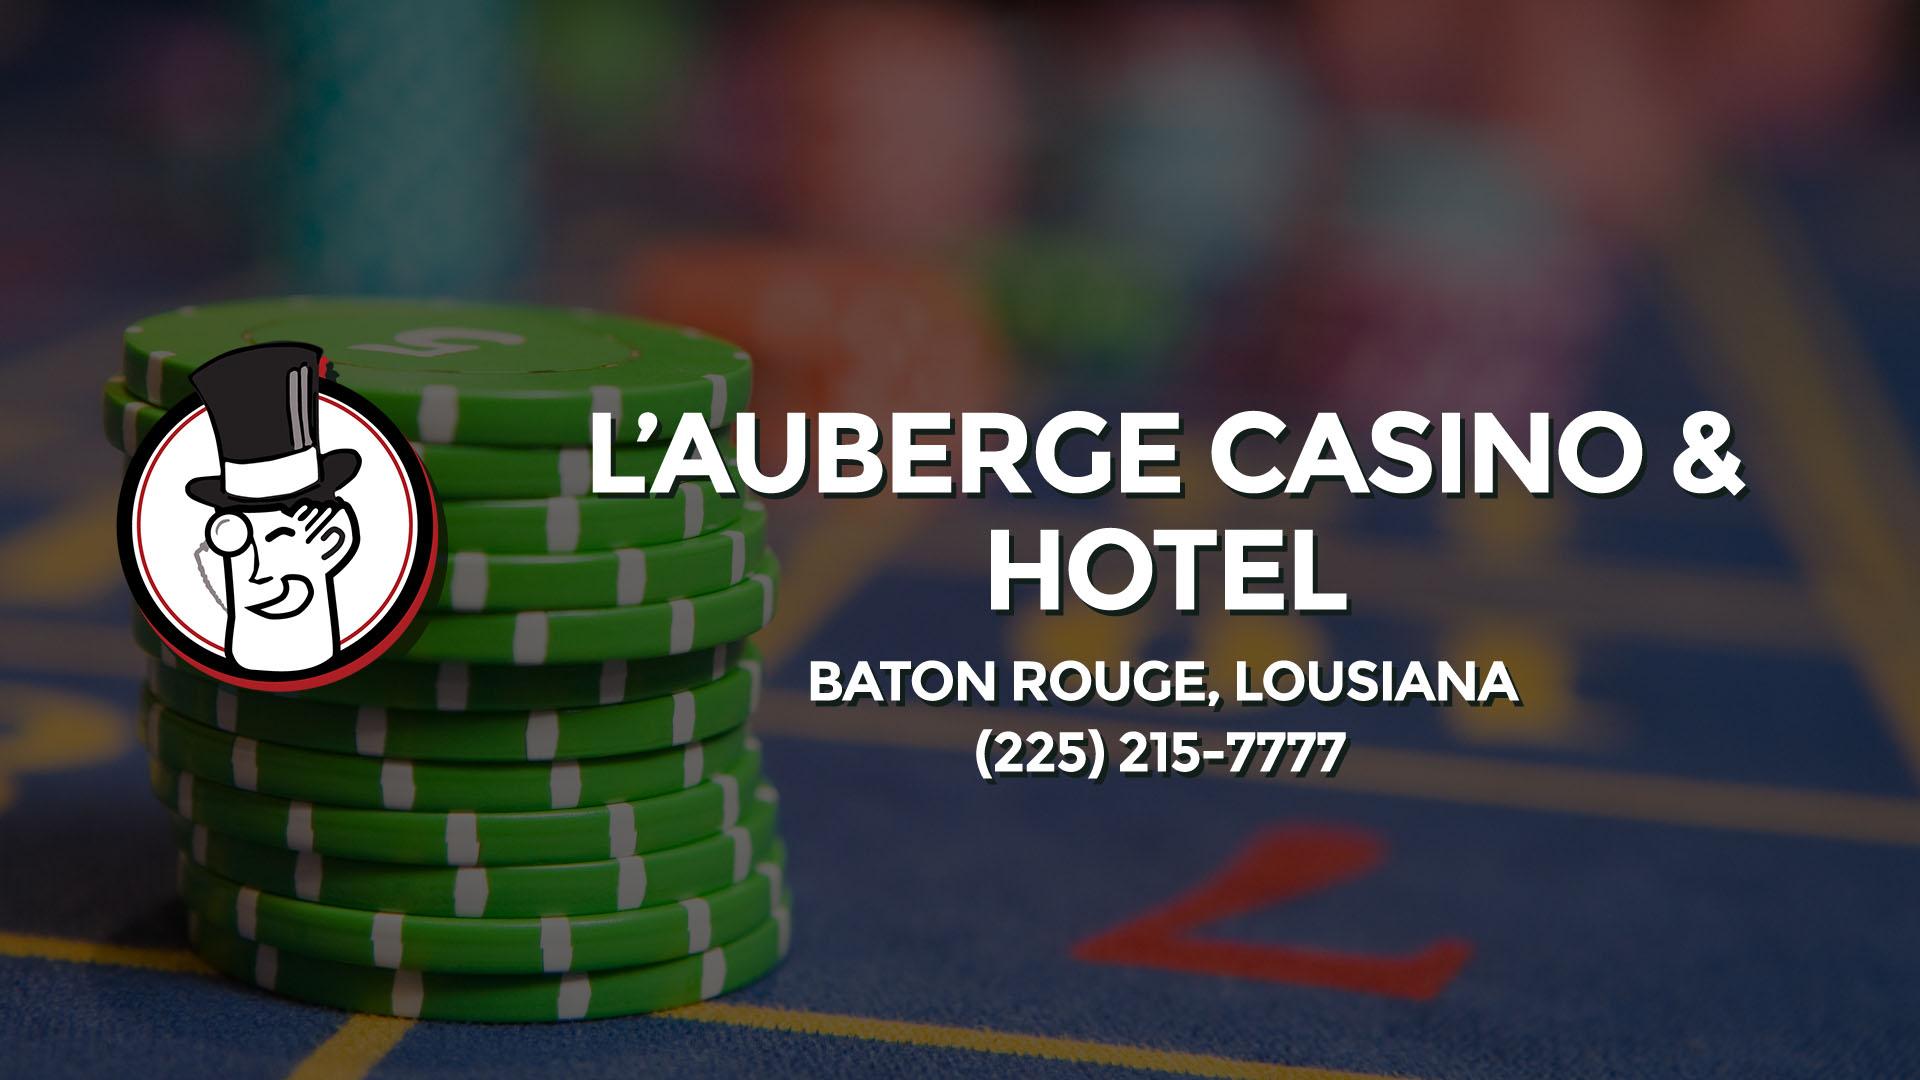 L'AUBERGE CASINO & HOTEL BATON ROUGE LA